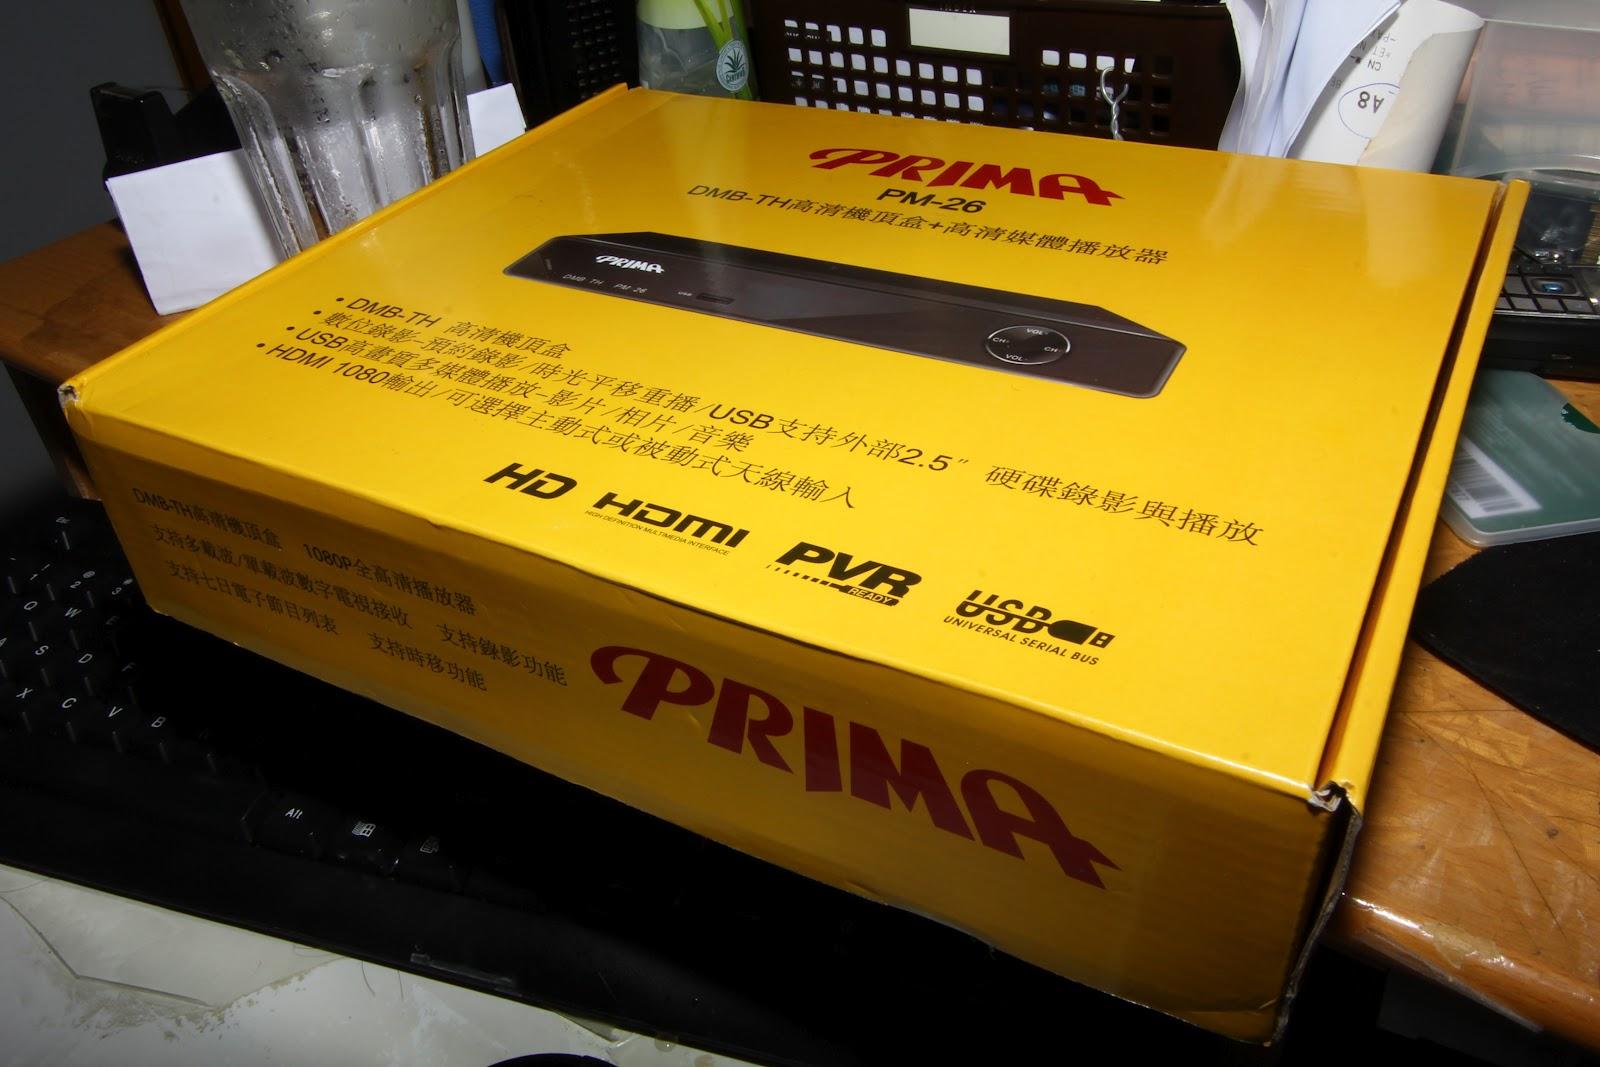 續3年前文章 機頂盒耐用度 結果 測 PRIMA PM-26 TEST - 影音電器 - SeeWide